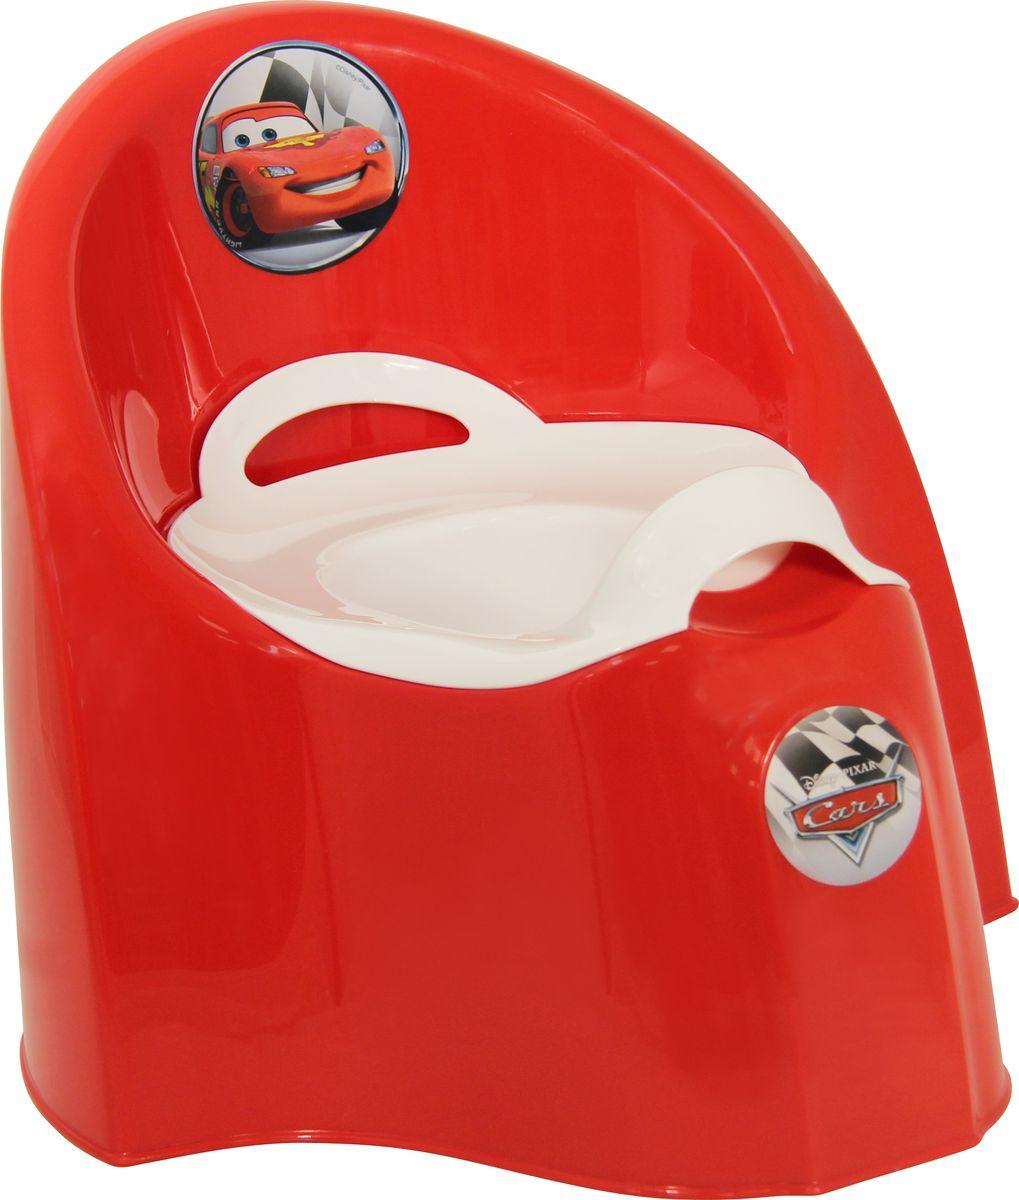 Disney Горшок детский большой цвет красный -  Горшки и адаптеры для унитаза